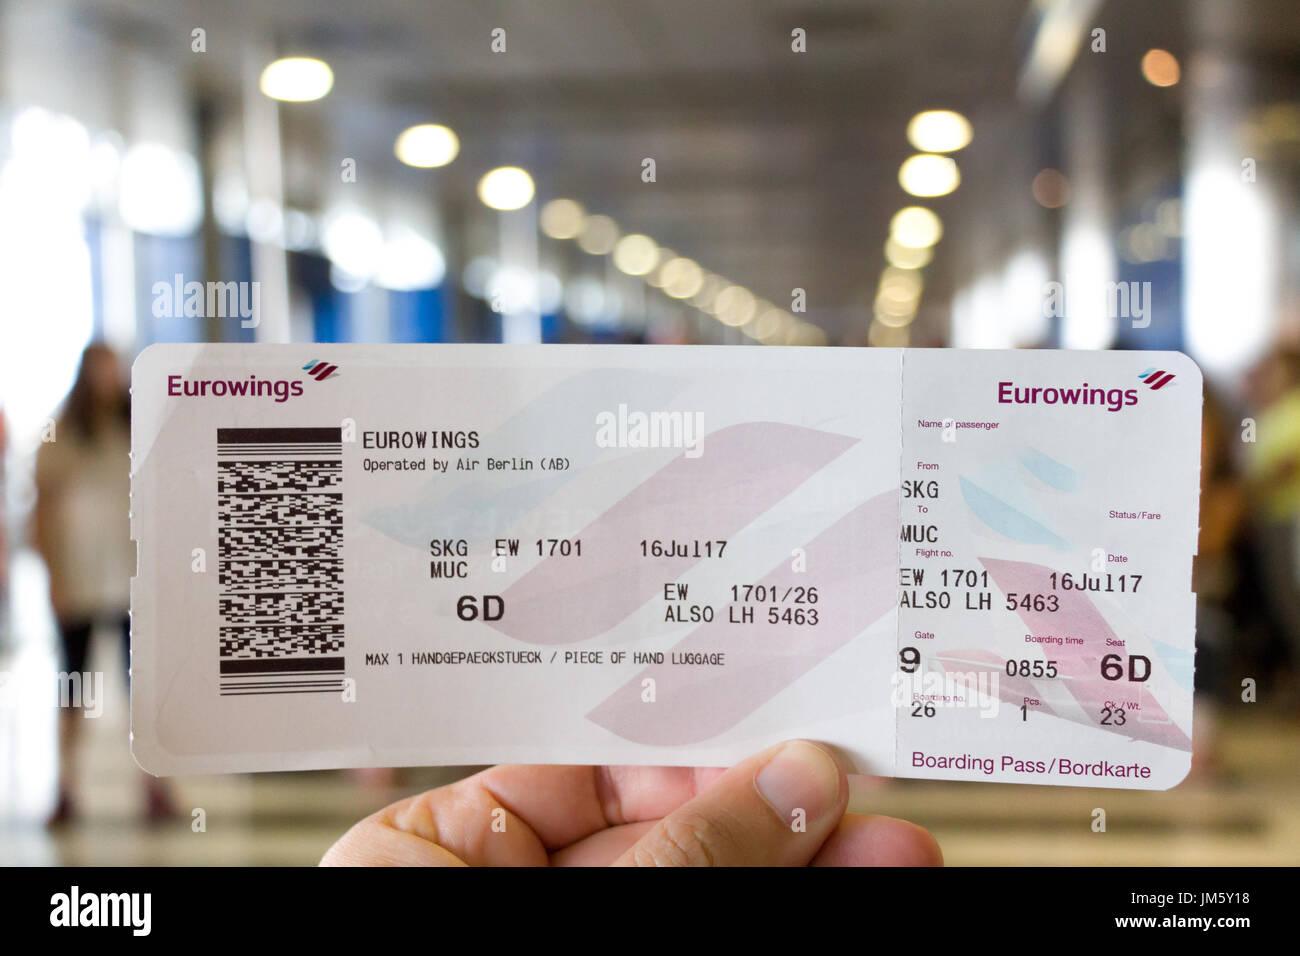 eurowings bordkarte